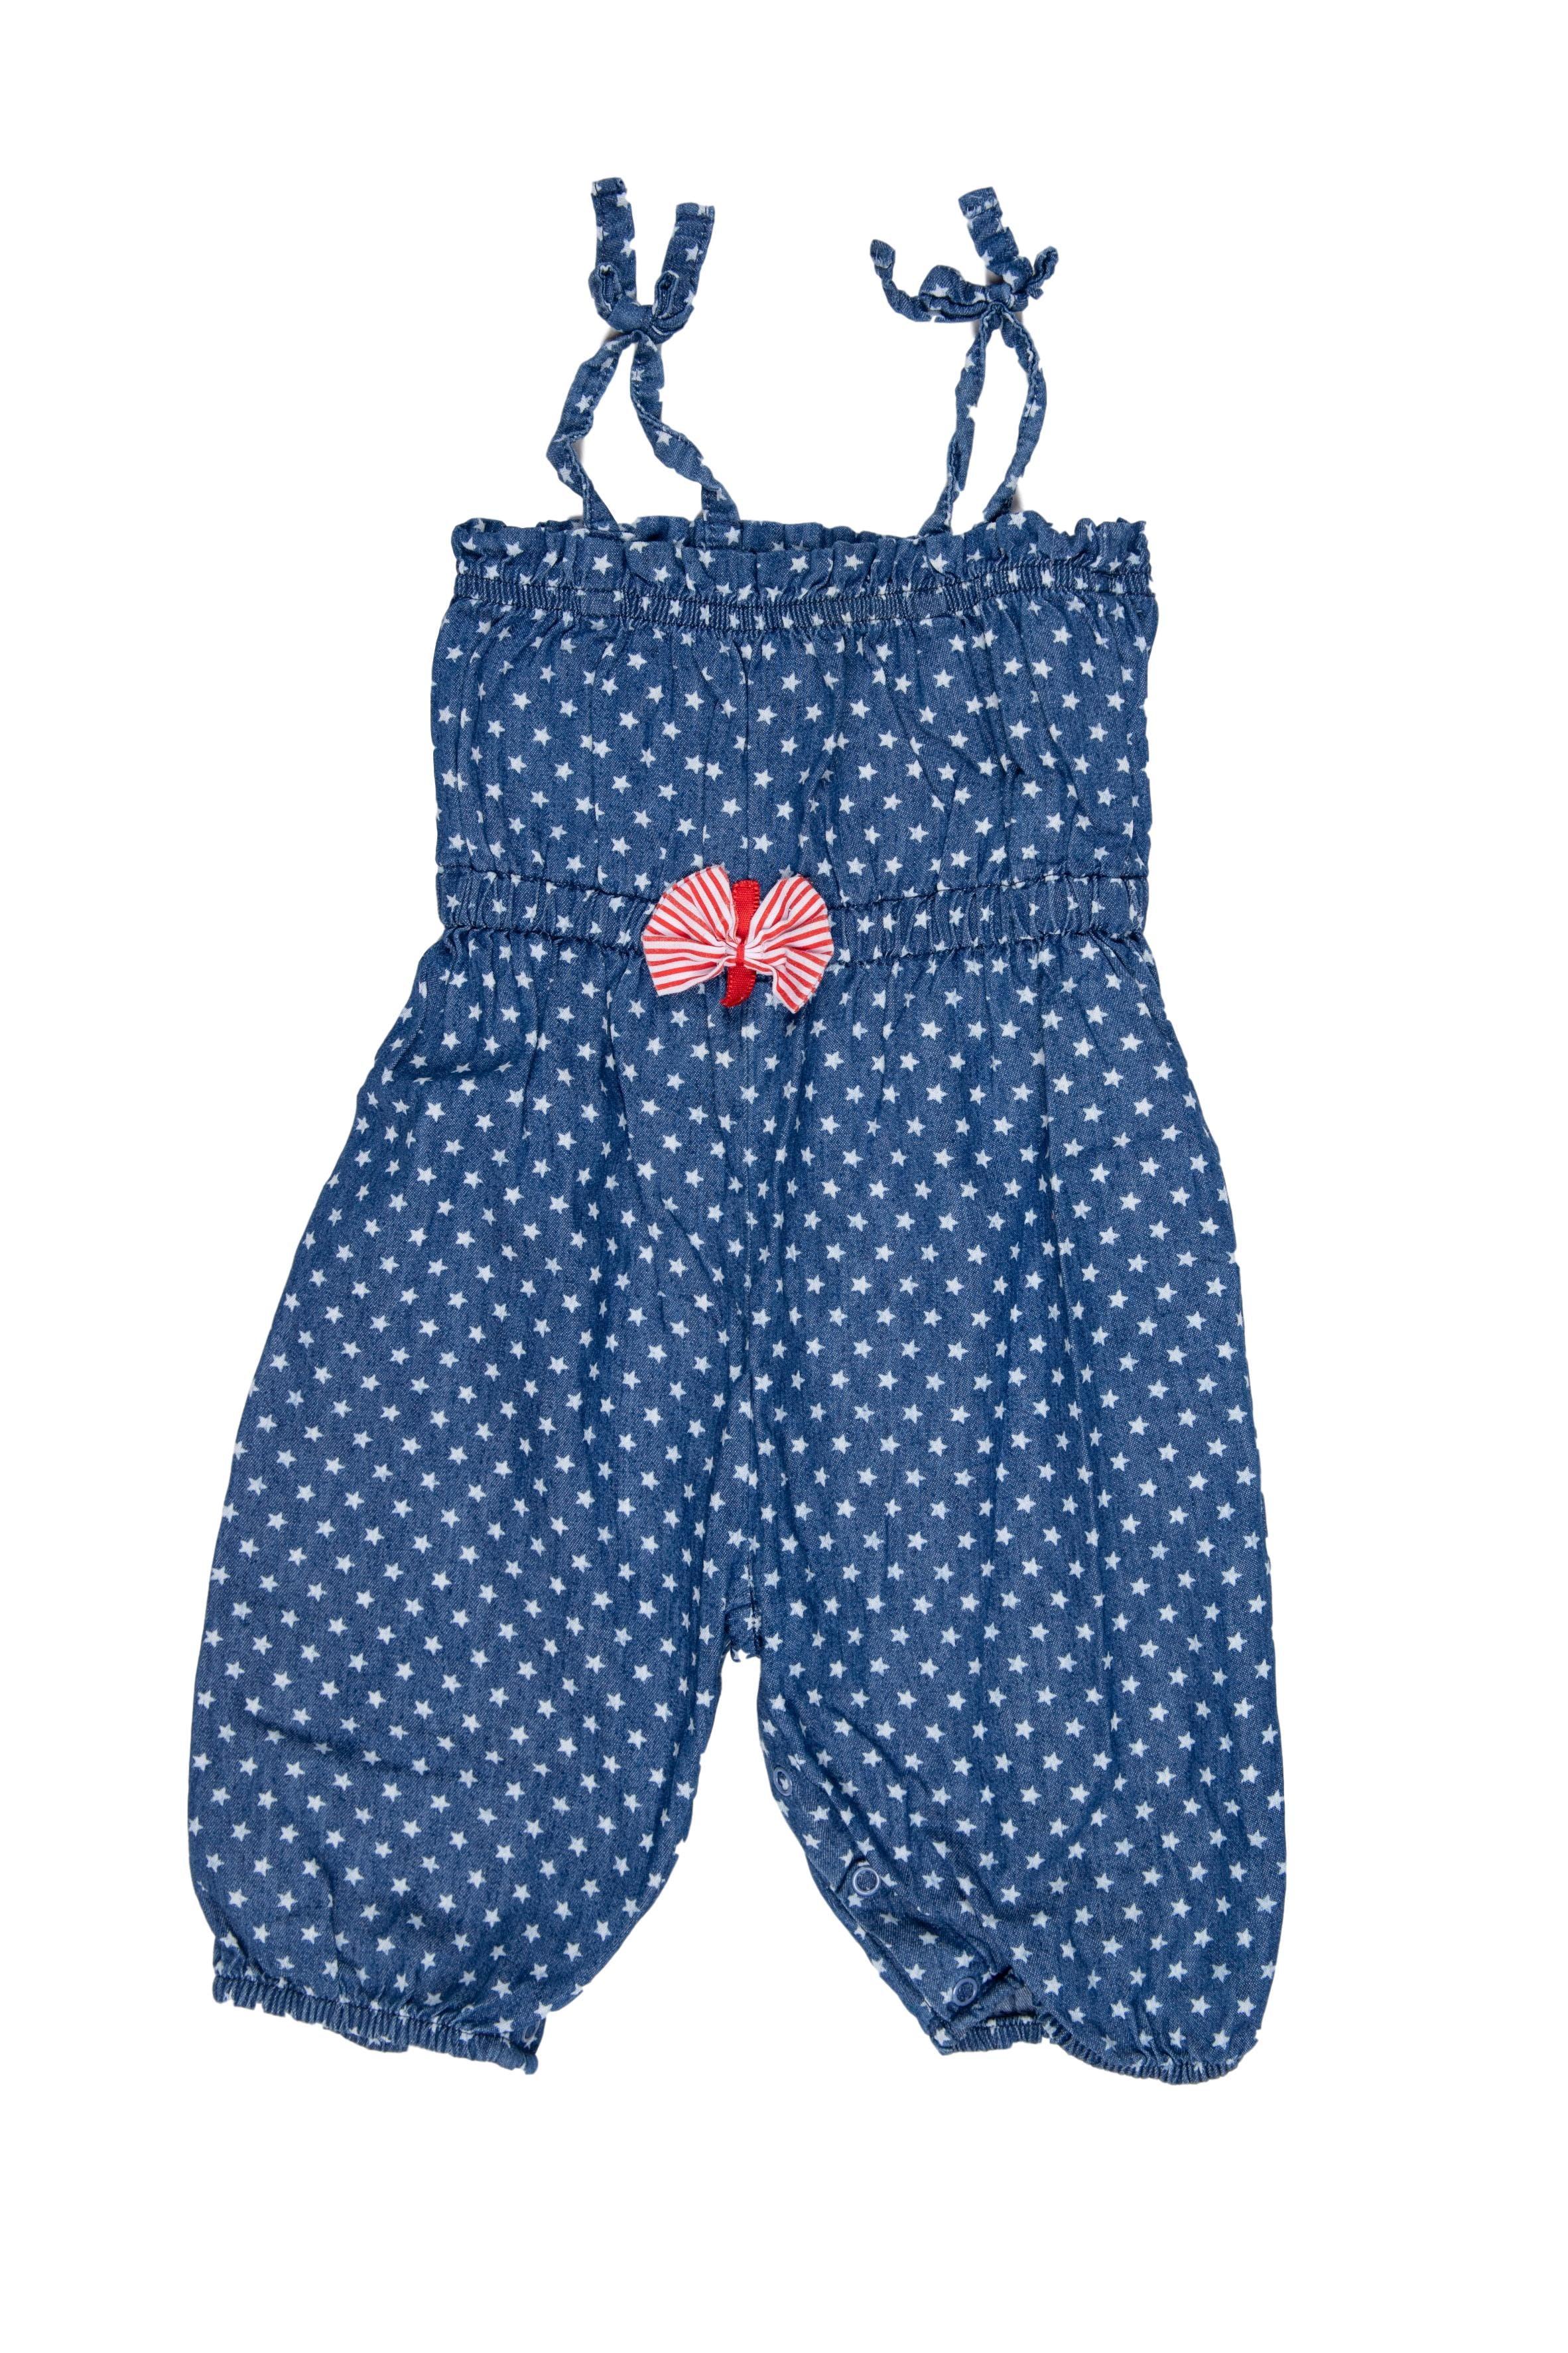 Enterizo pantalón de tiras, tela simil jean con estamapdo de estrellas. Tela suave - Petite Forumi